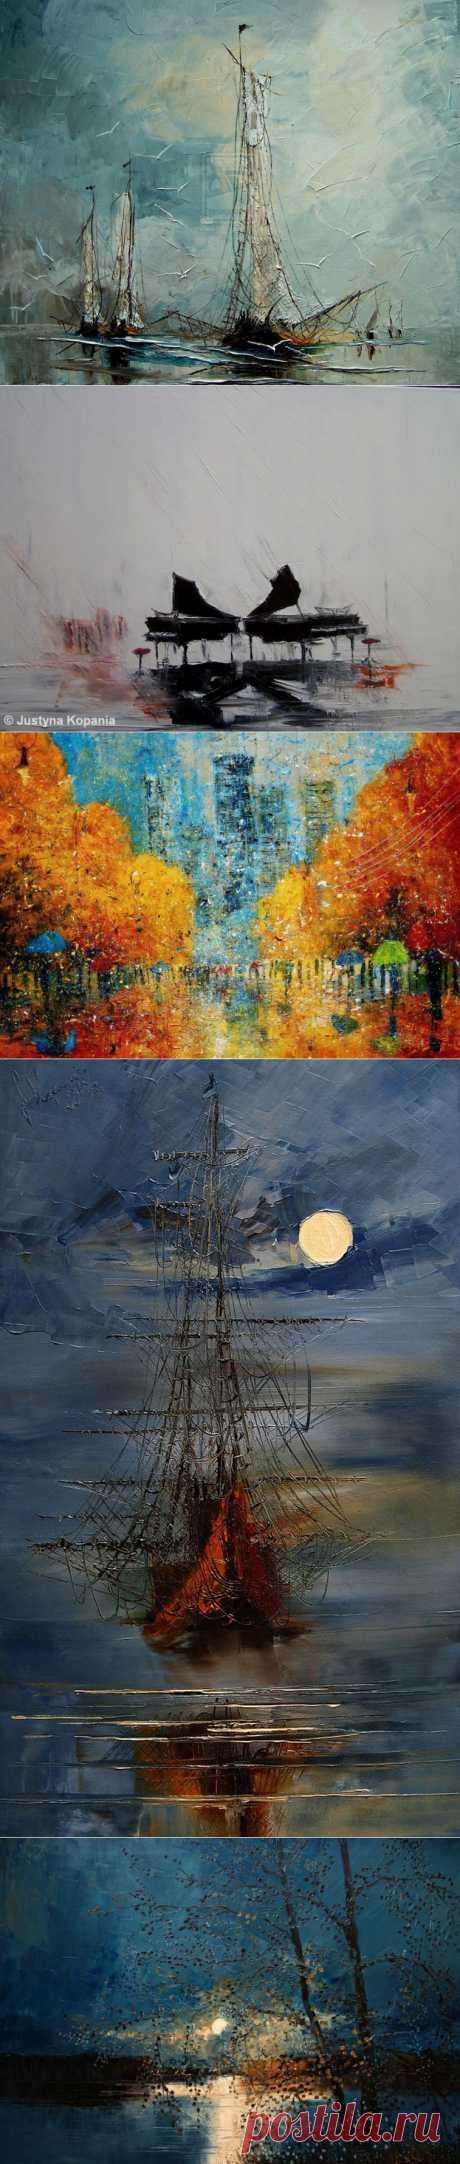 Невероятные пейзажи в работах художницы Юстины Копаня